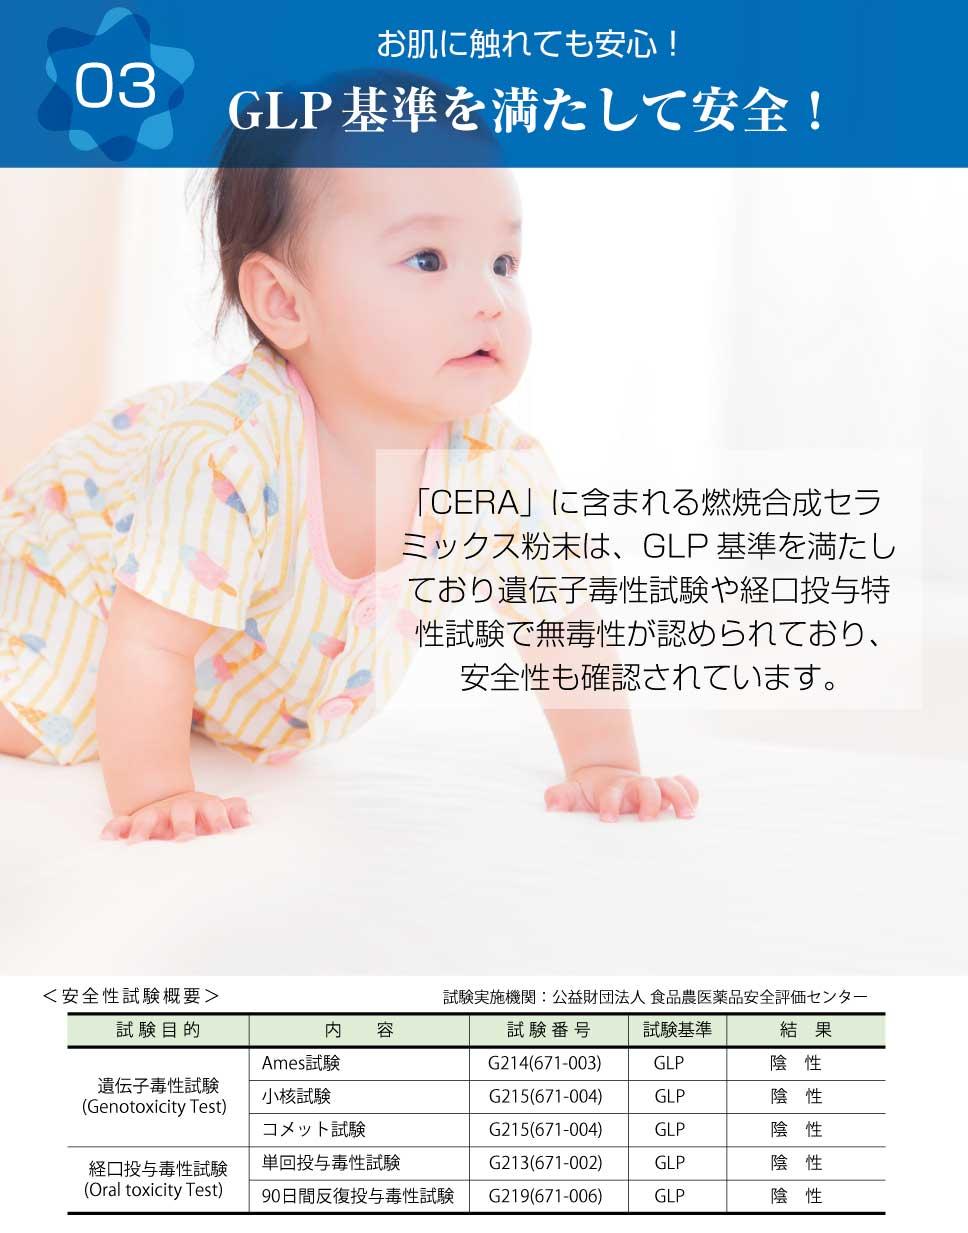 「CERA」に含まれる燃焼合成セラミックス粉末は、GLP基準を満たしており遺伝子毒性試験や経口投与特性試験で無毒性が認められており、安全性も確認されています。